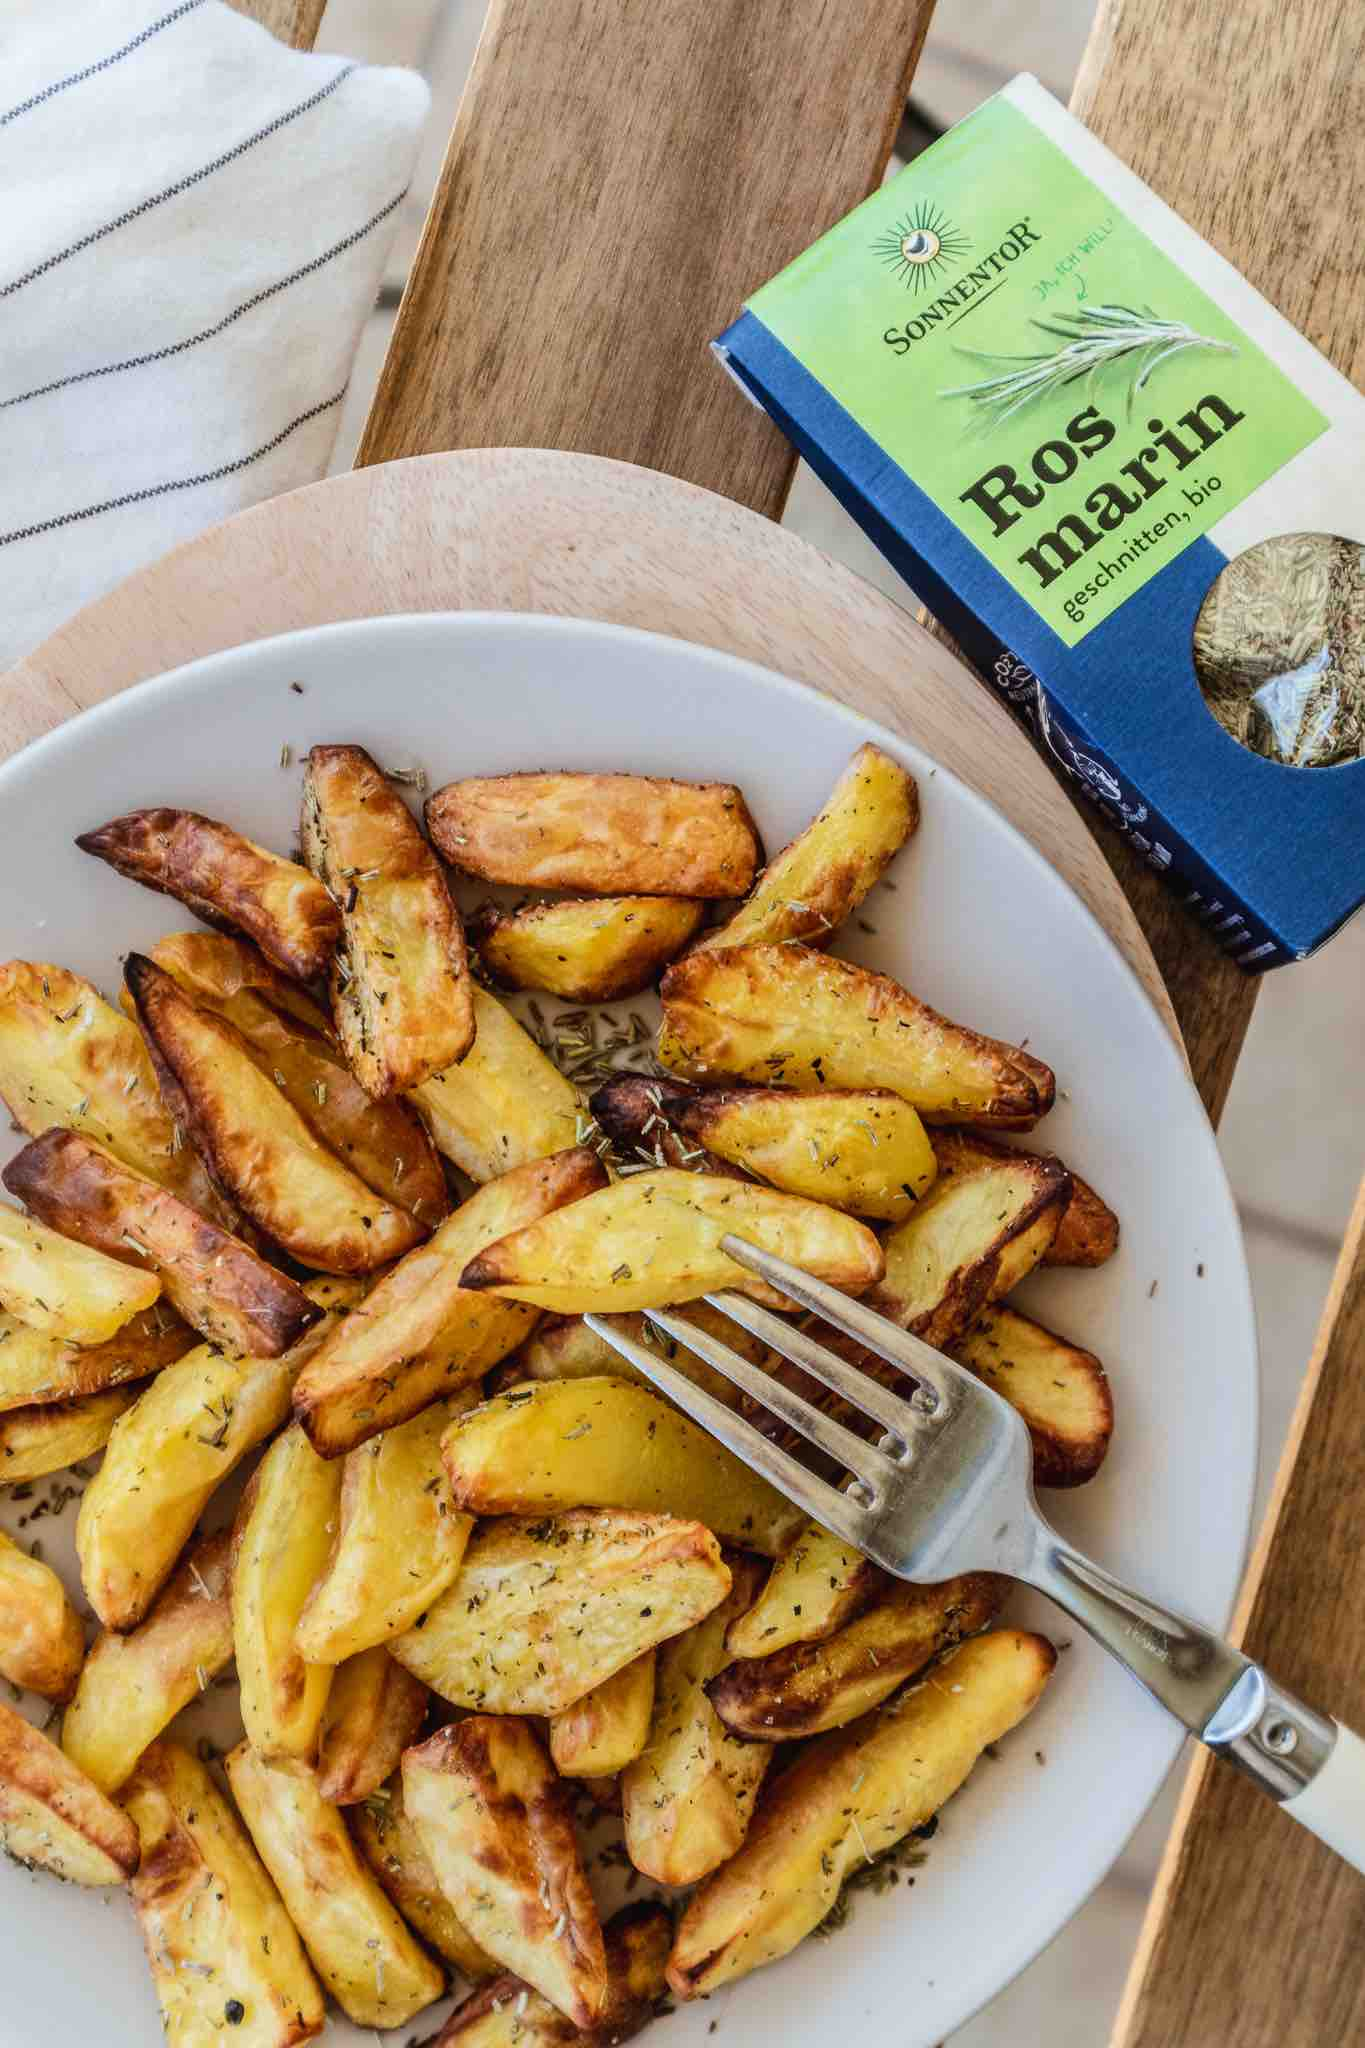 So gelingen wirklich knusprige Ofenkartoffeln #ofenkartoffeln #kartoffelrezepte #kochenmitvorräten #vorräteaufbrauchen